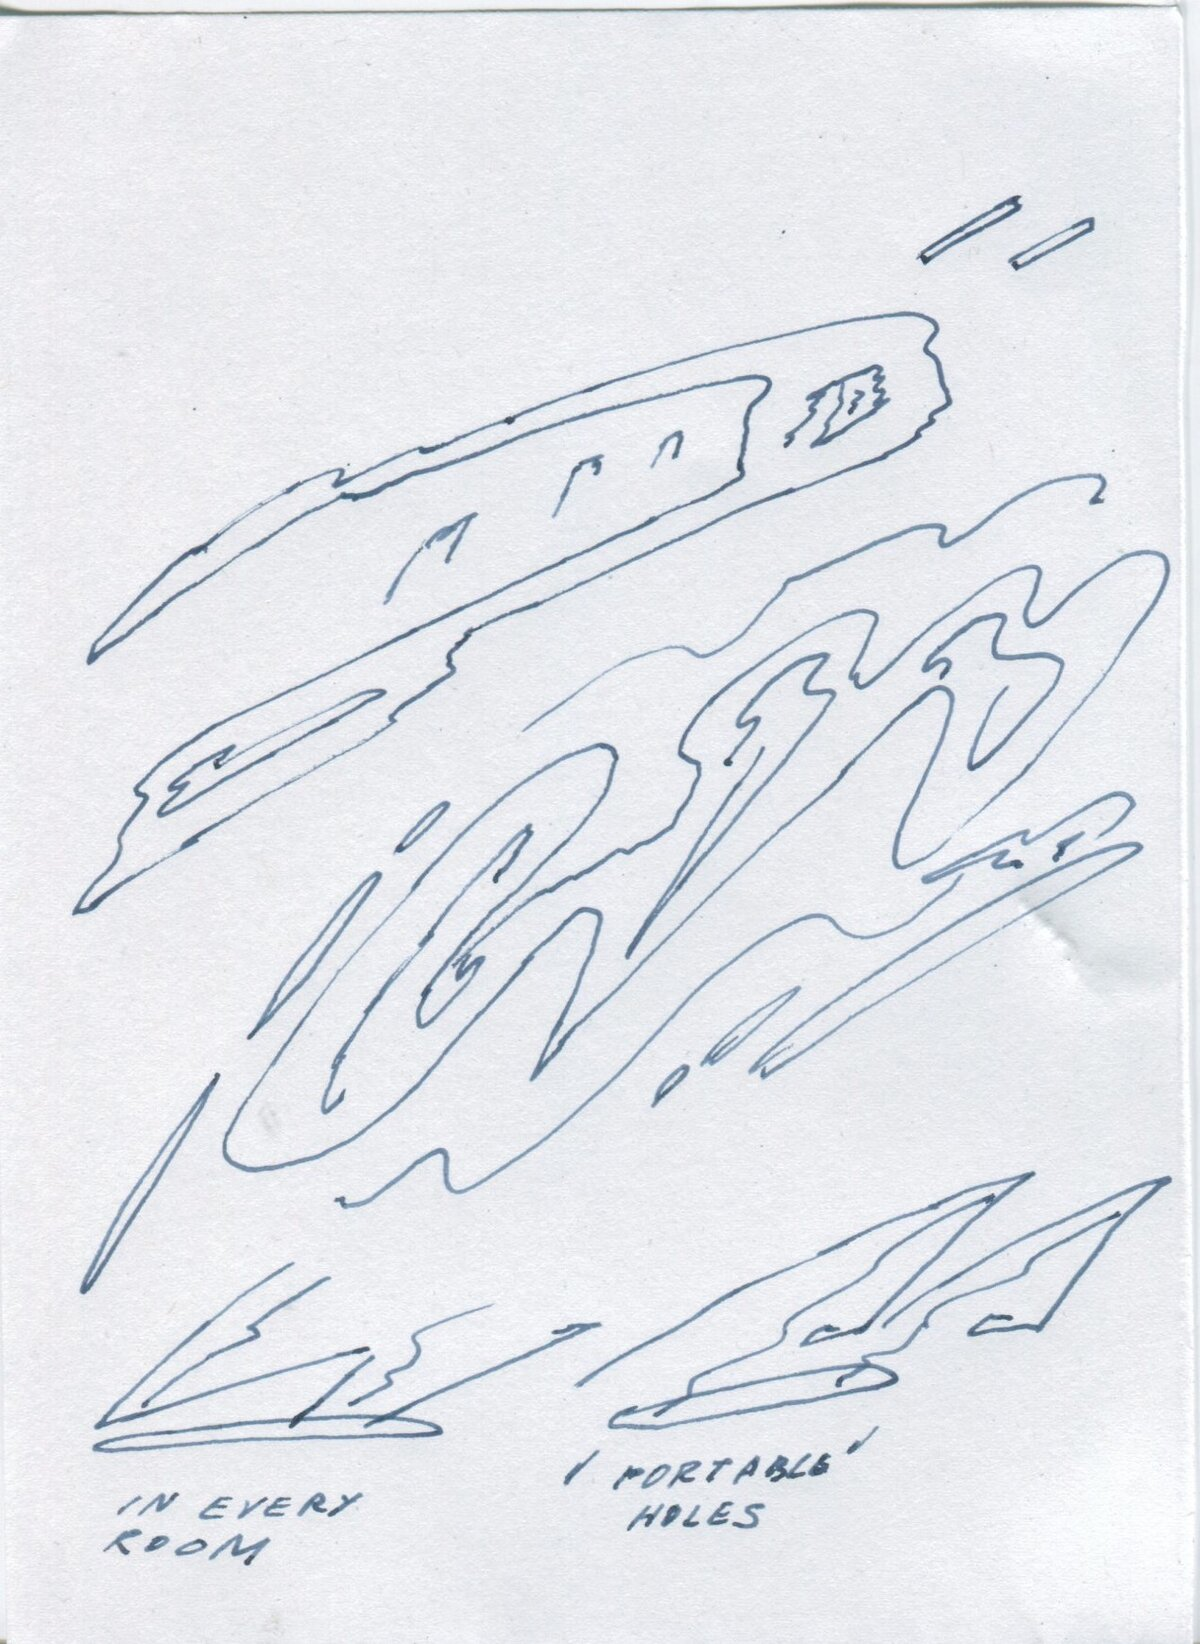 14_12036-1200x1644-q85